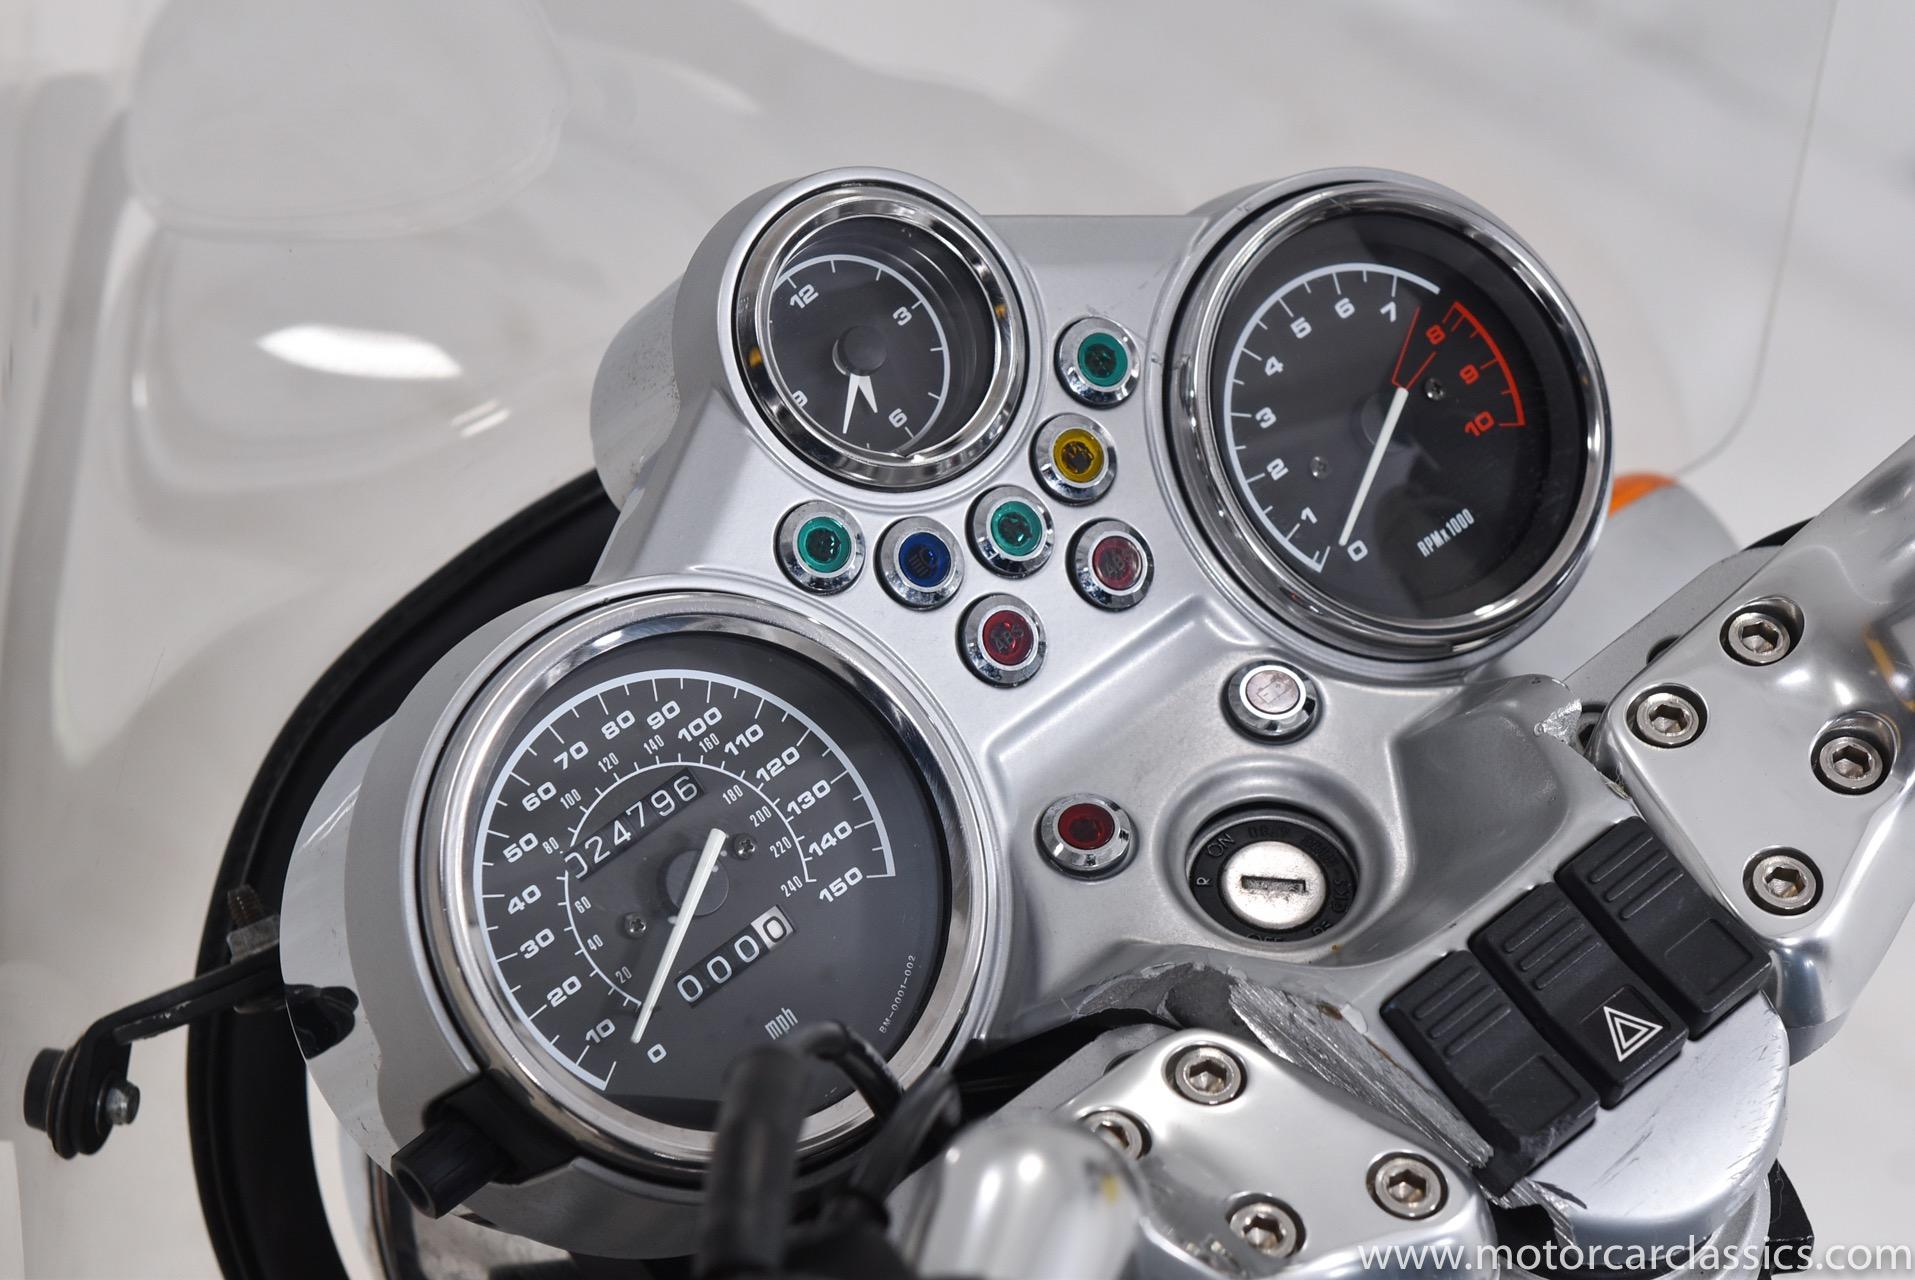 1998 BMW R110R